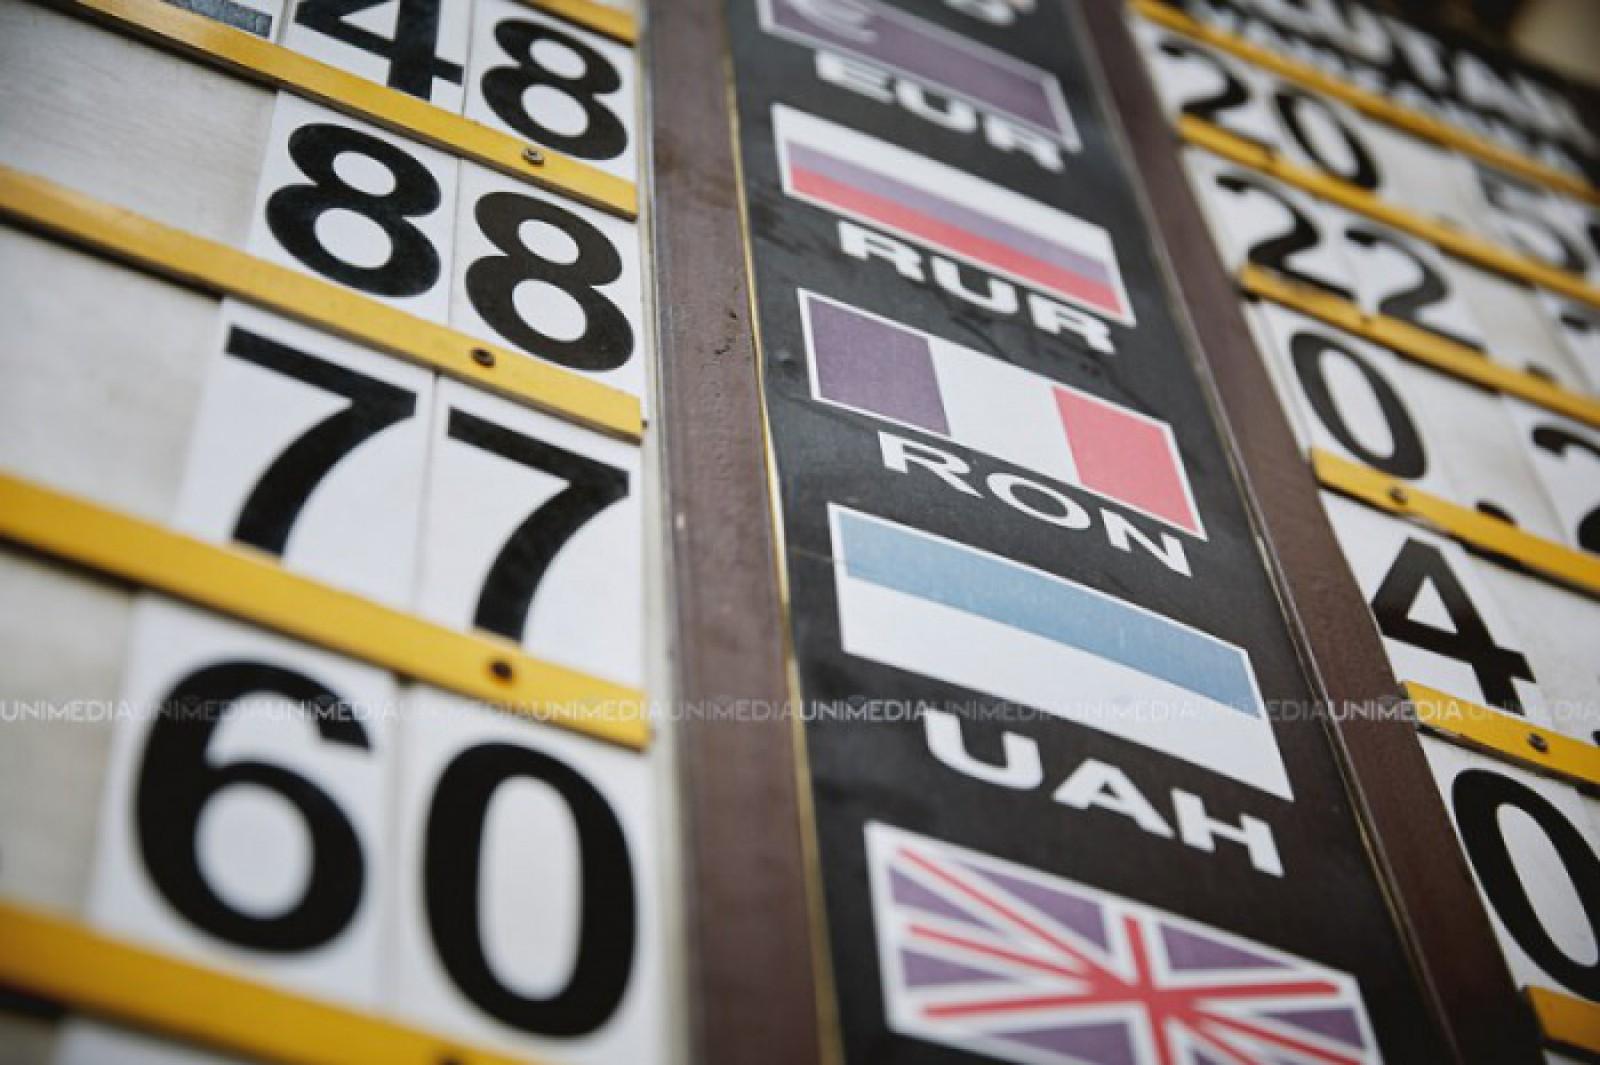 Curs valutar: Leul în raport cu principalele valute de referință